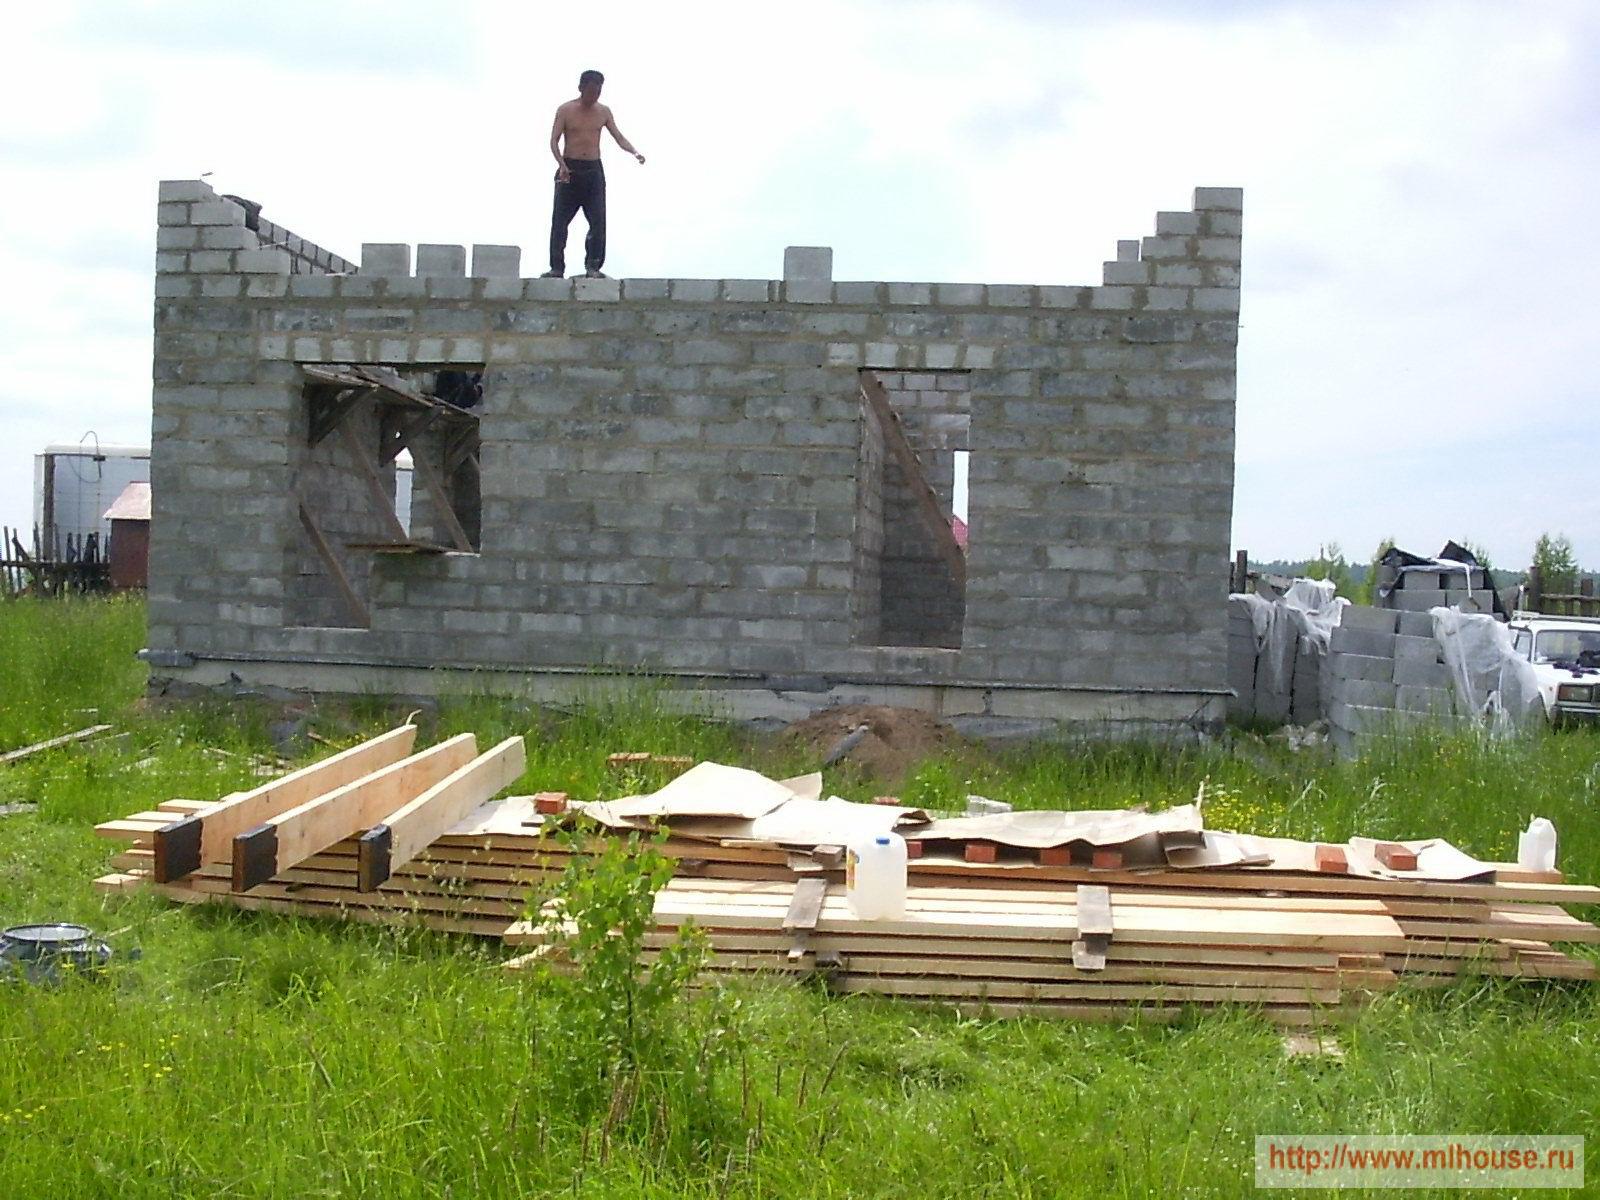 Строительство стен дома. Строительство перегородок. Как